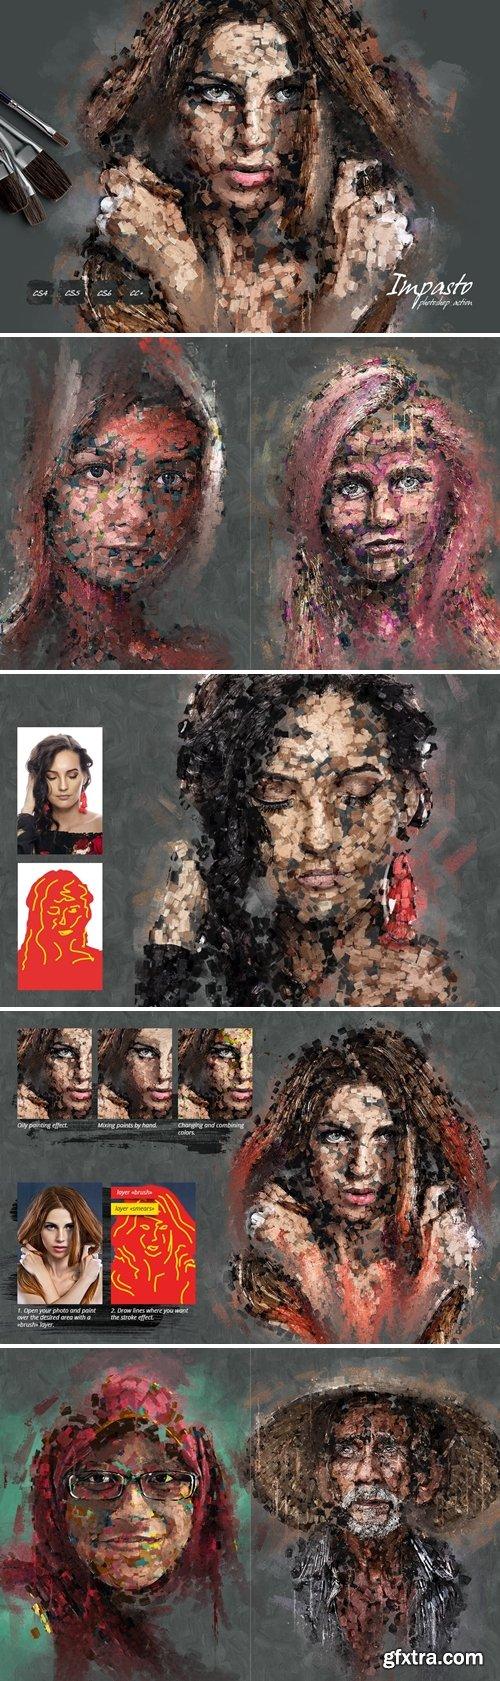 GraphicRiver - Impasto Photoshop Action 30823236